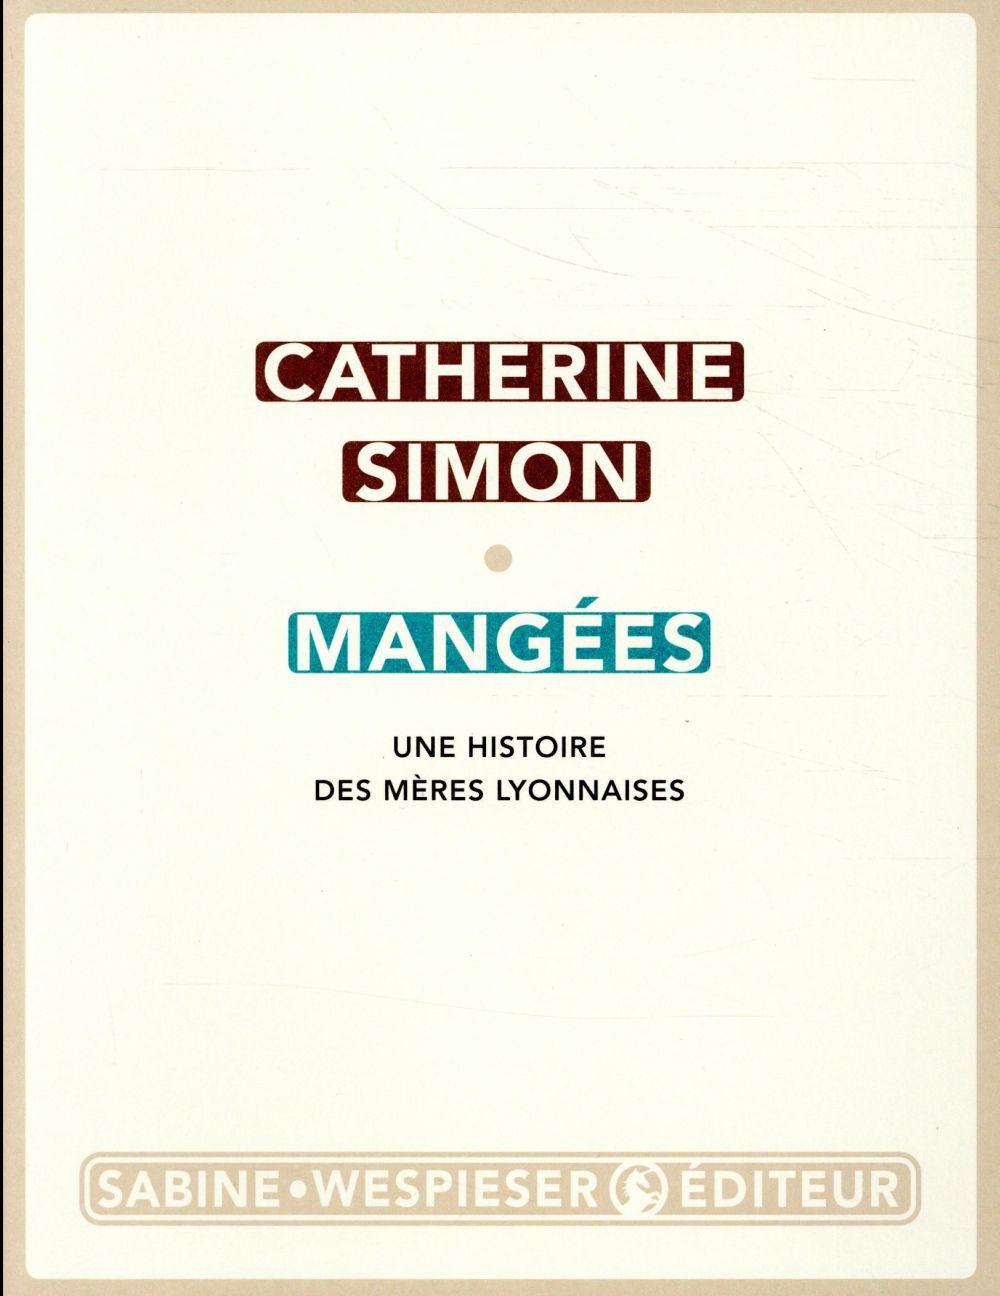 MANGEES - UNE HISTOIRE DES MERES LYONNAISES